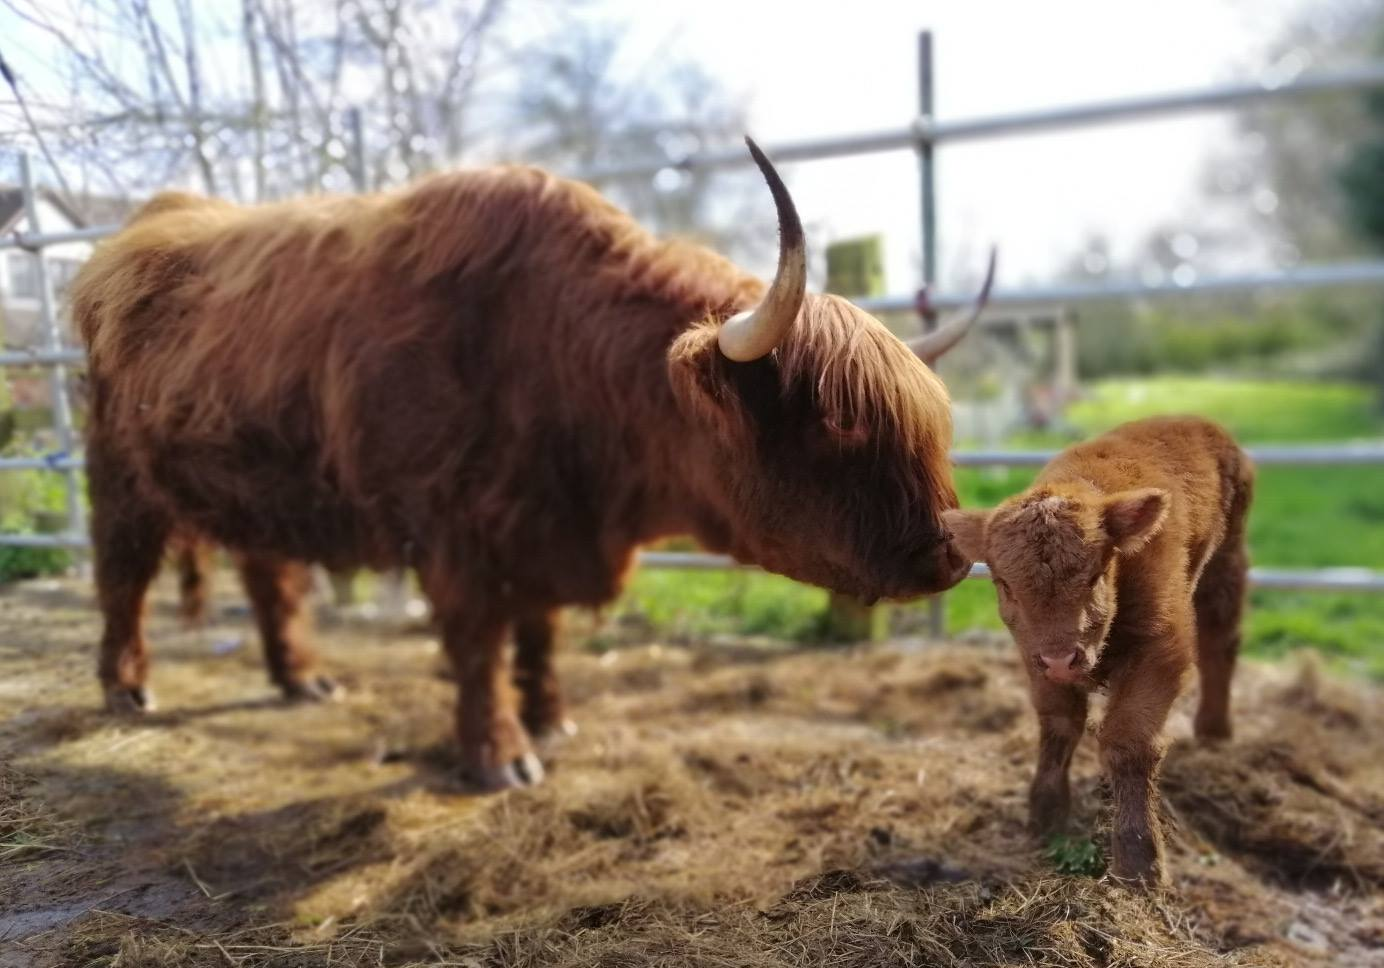 fiona oakes farm sanctuary closing